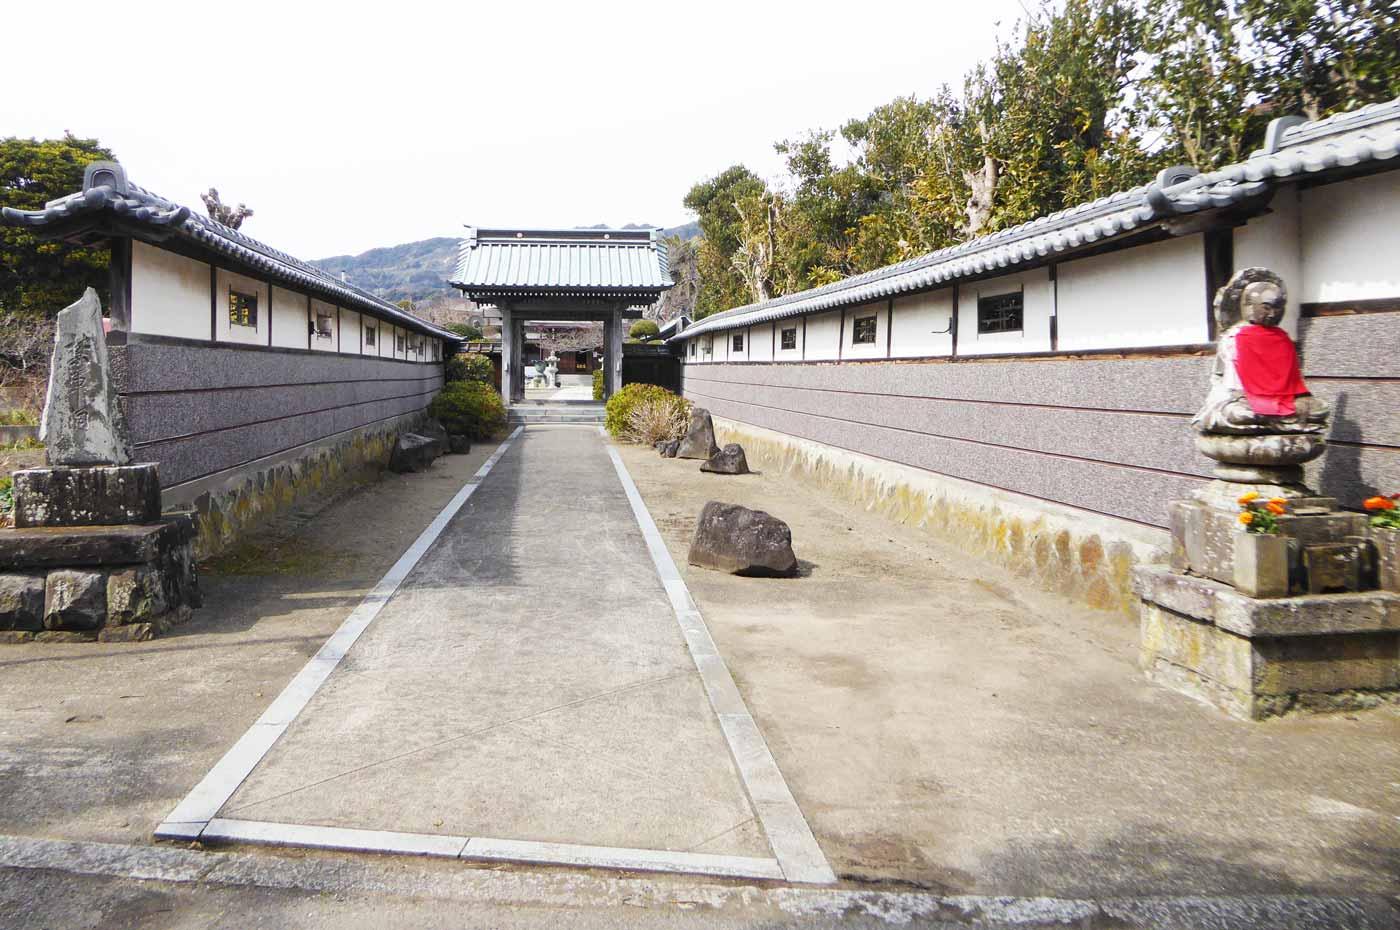 存林寺入口の画像